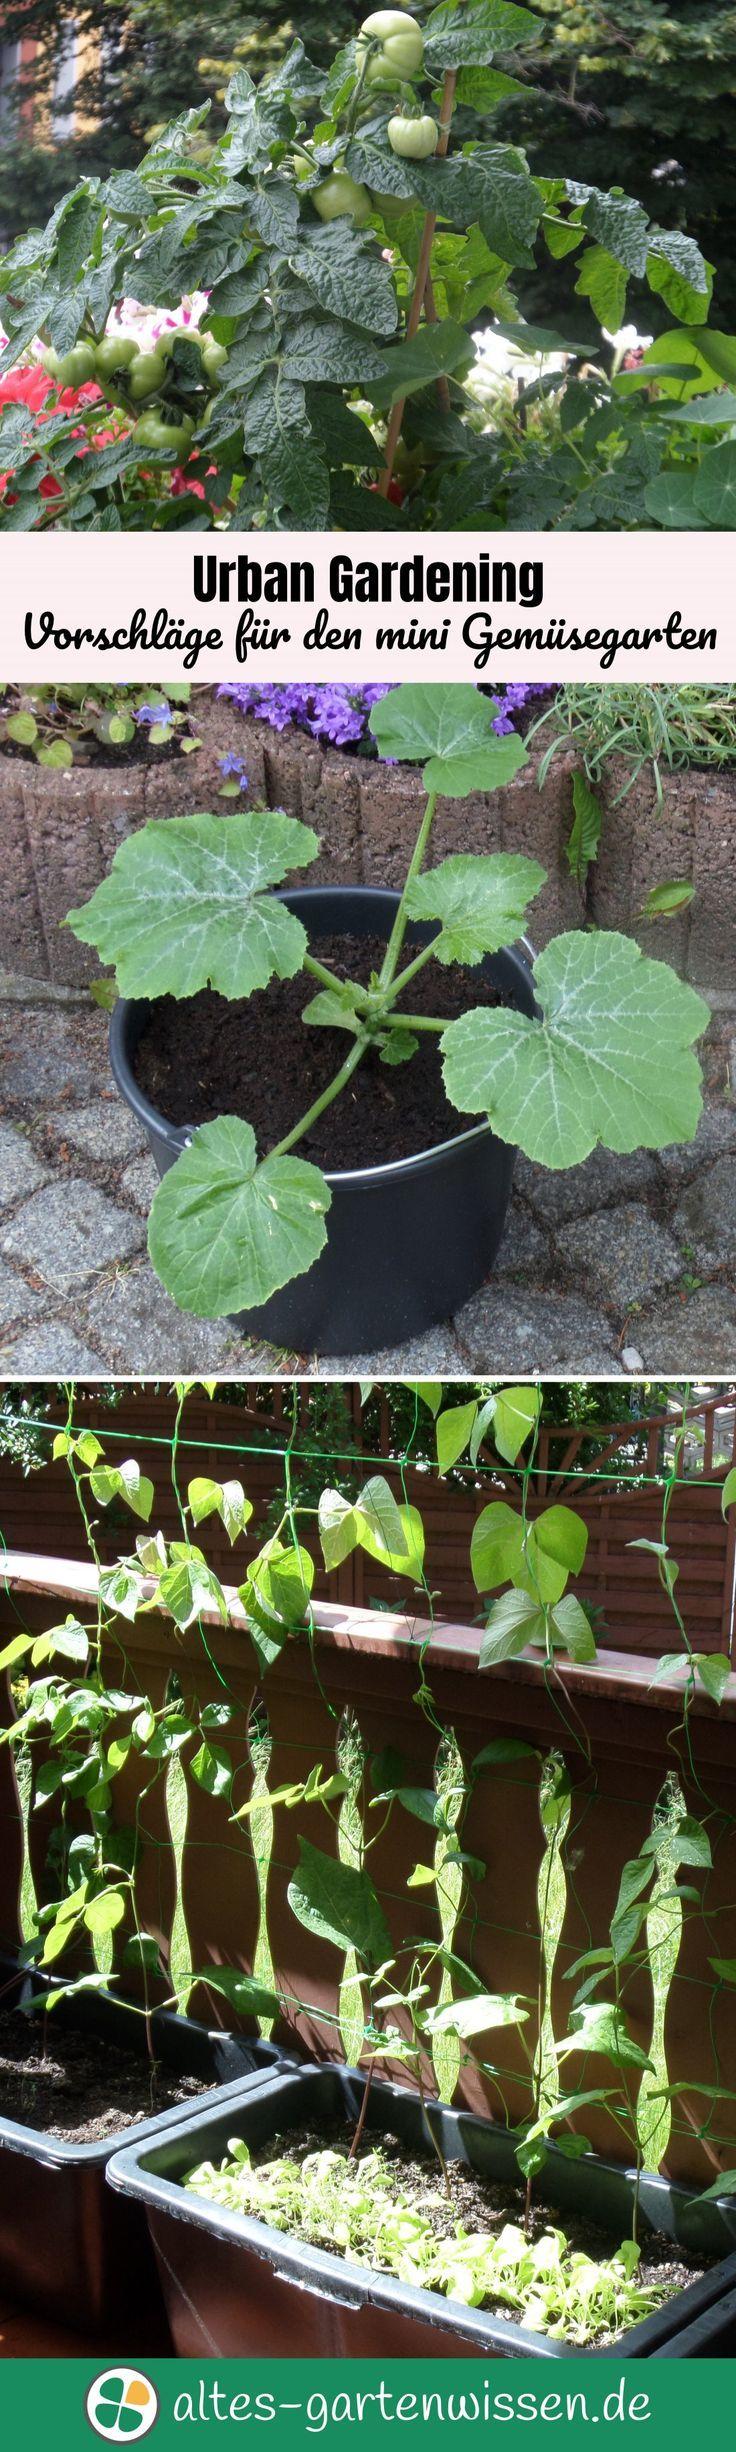 Urban Gardening - Vorschläge für den Mini-Gemüsegarten